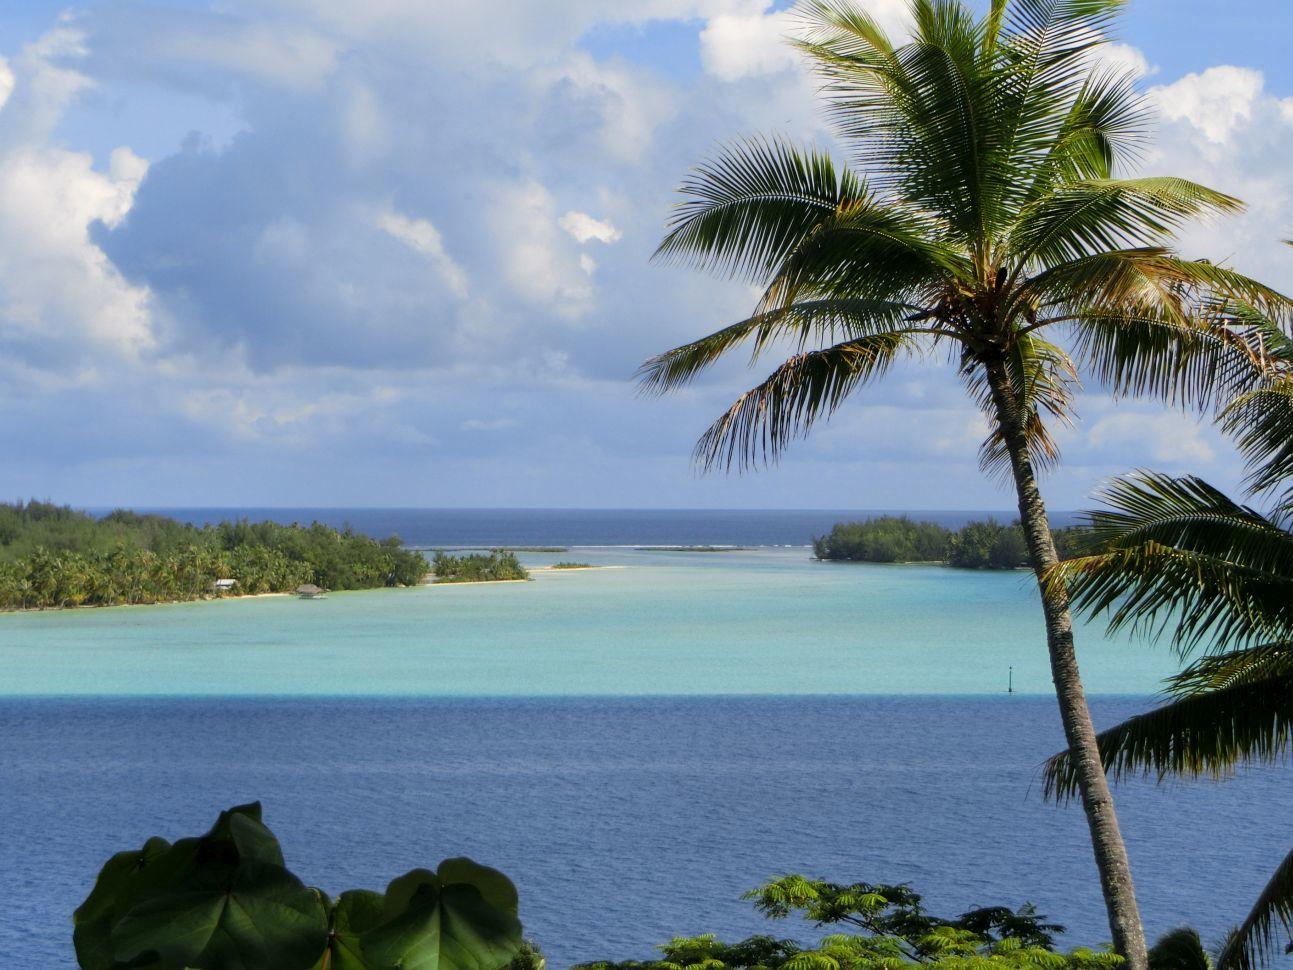 ボラボラ島は公共交通機関がないので、島内観光ツアーに参加した。 ジープでしか行けない高台3か所に行き、海を眺めることができた。 青や水色などの海の色の違いが、とても美しく感動ものだった。 教会や寺院跡などの説明もあったし、ガイドさんの奥様手作りの 美味しいグアバジャムもクラッカーと一緒に試食させていただき、 とても有意義なツアーだった。